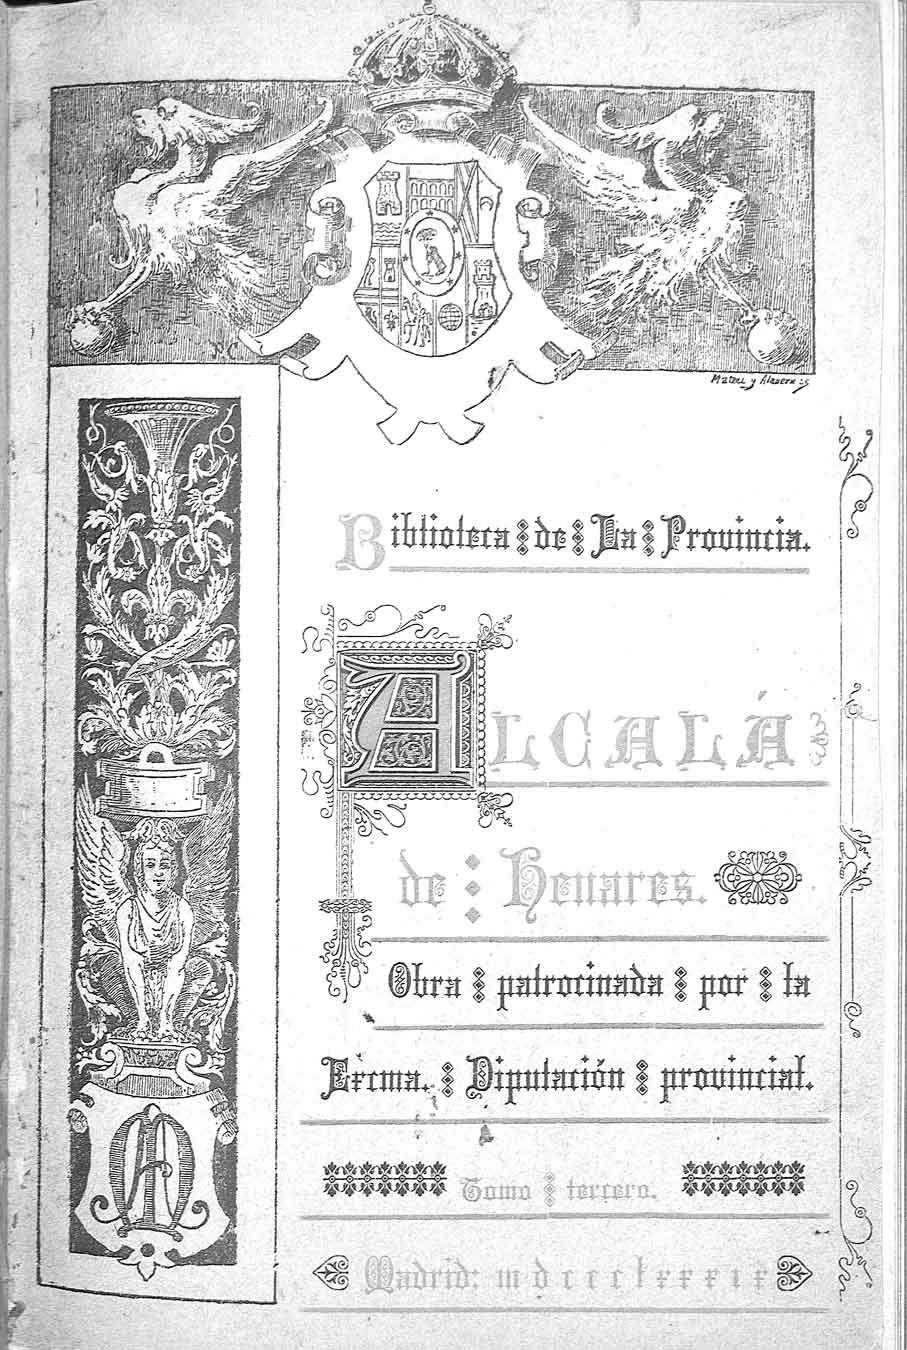 Alcalá de Henares, por Manuel Ayala y Francisco Sastre